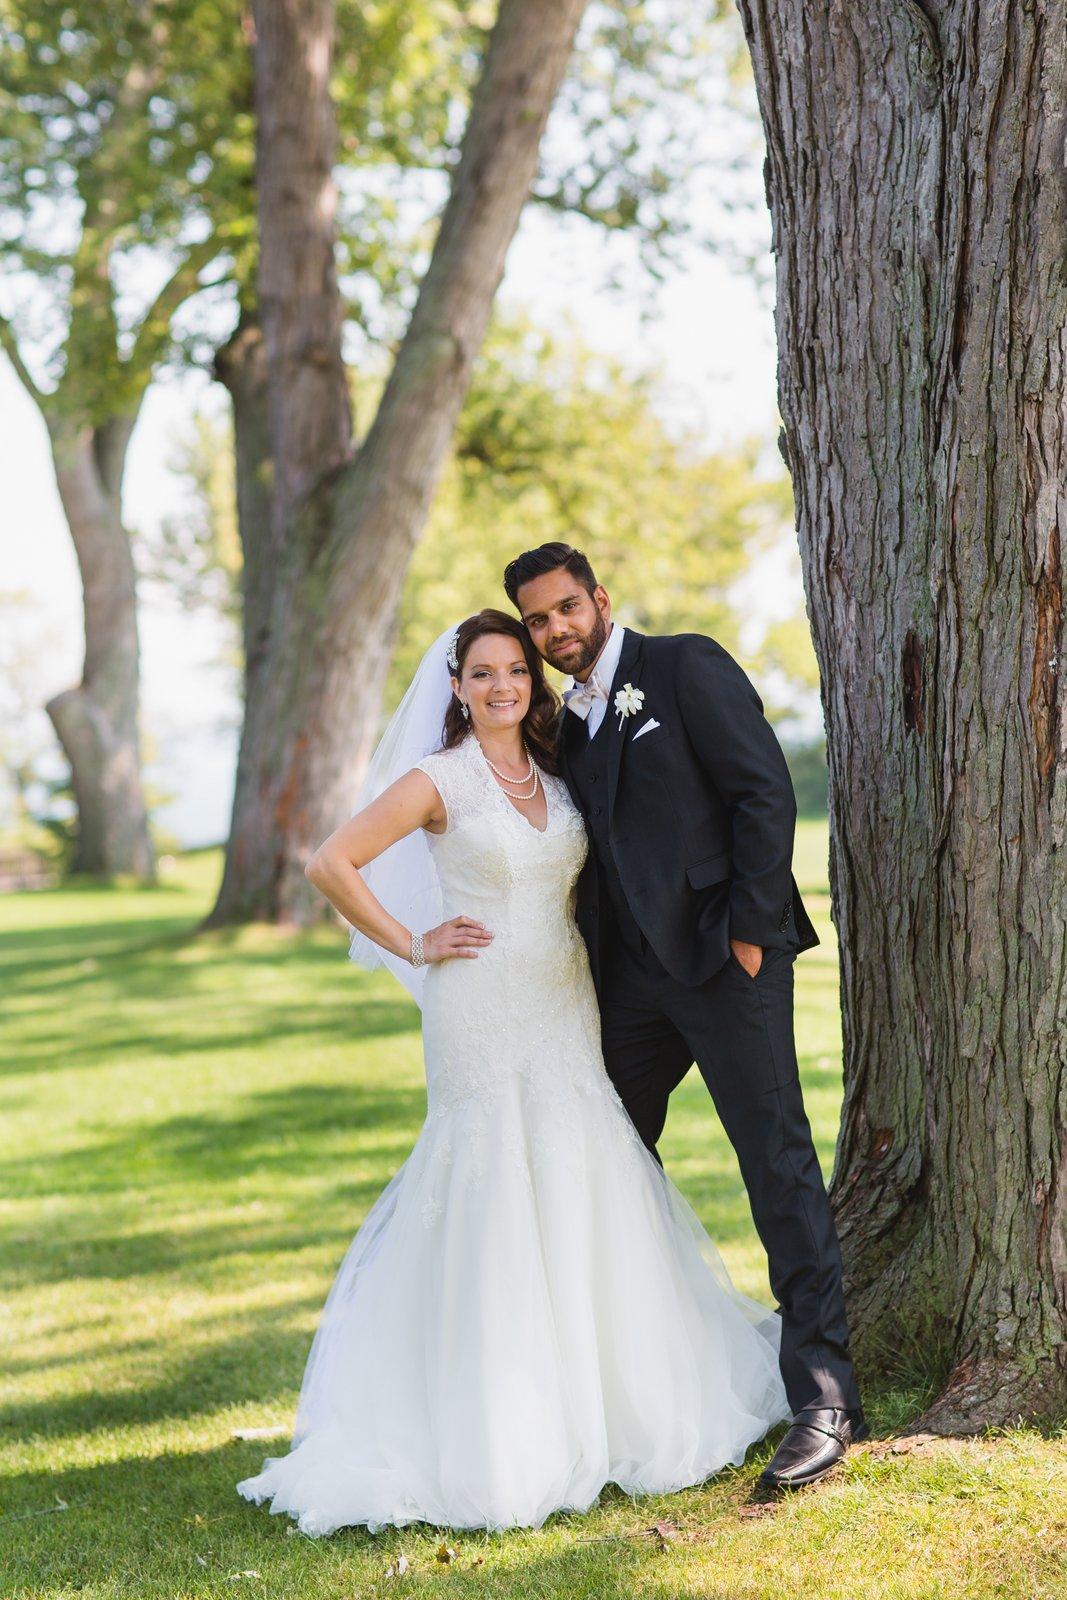 rosanna-christian-le-dome-wedding-033